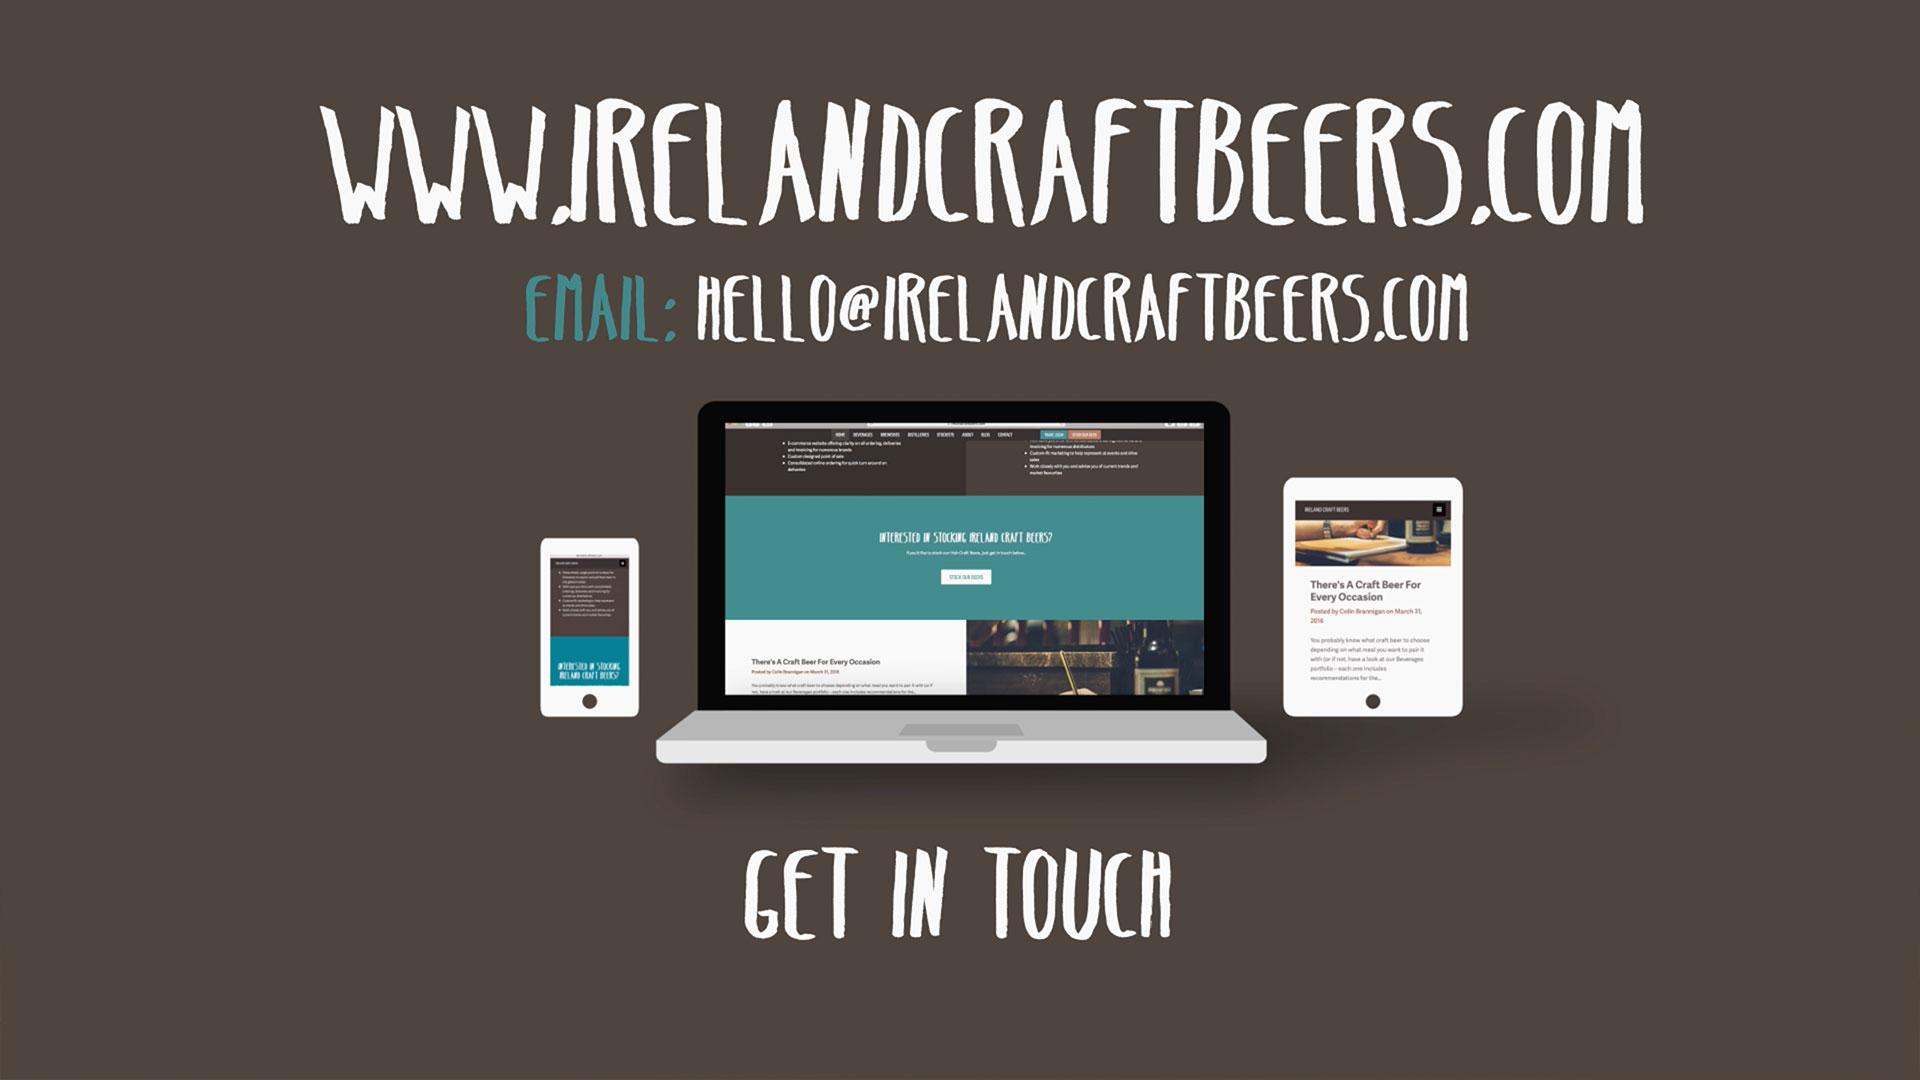 Ireland Craft Beers image 01